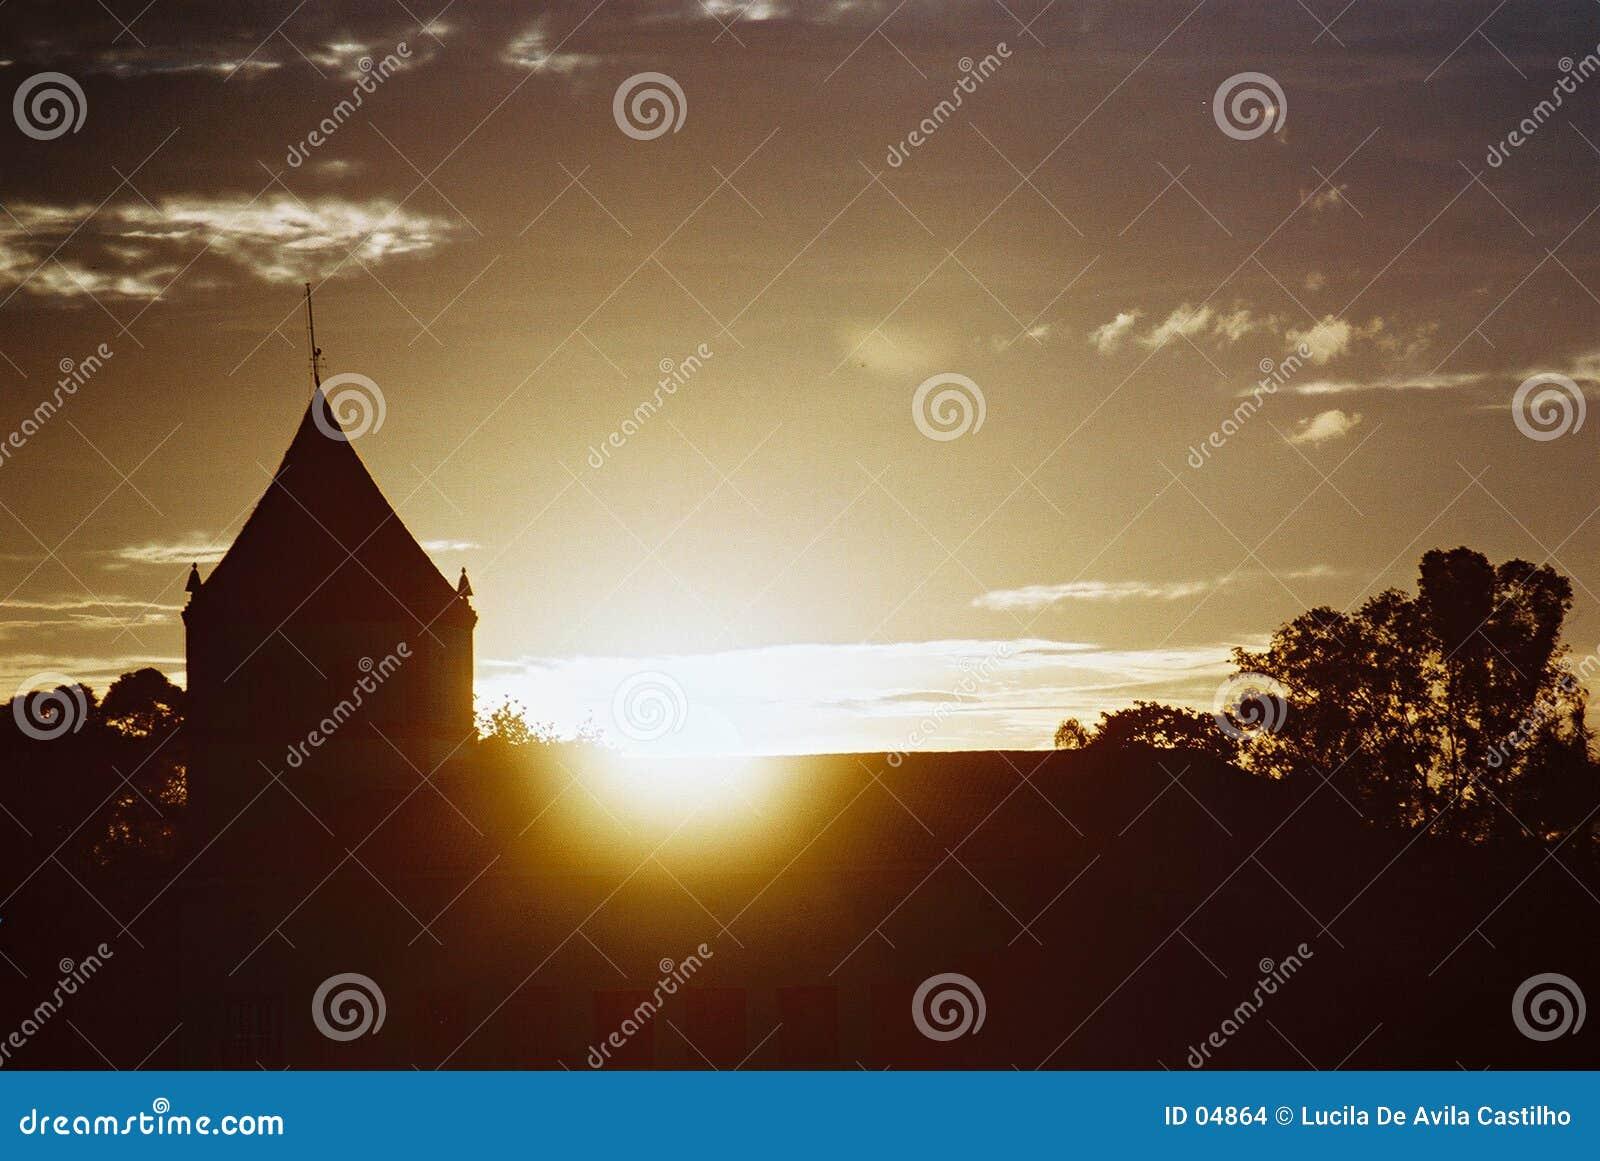 Zonsondergang achter de kerk